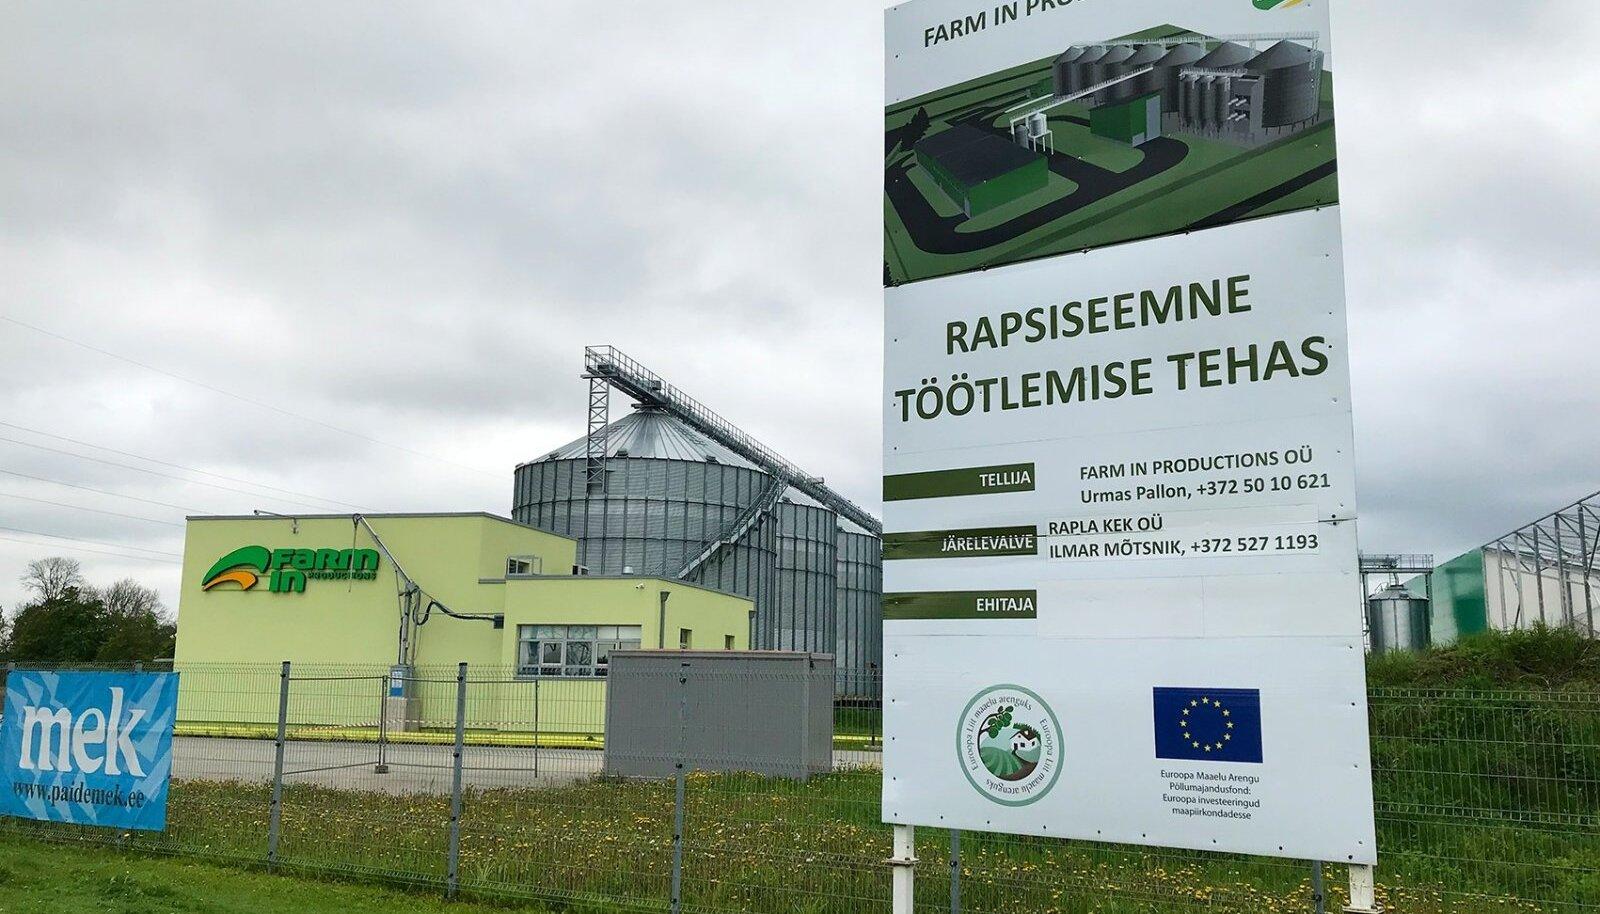 SIIA KERKIGU TEHAS! Farm In Productionsi tehase avamine lükkub muudkui edasi.